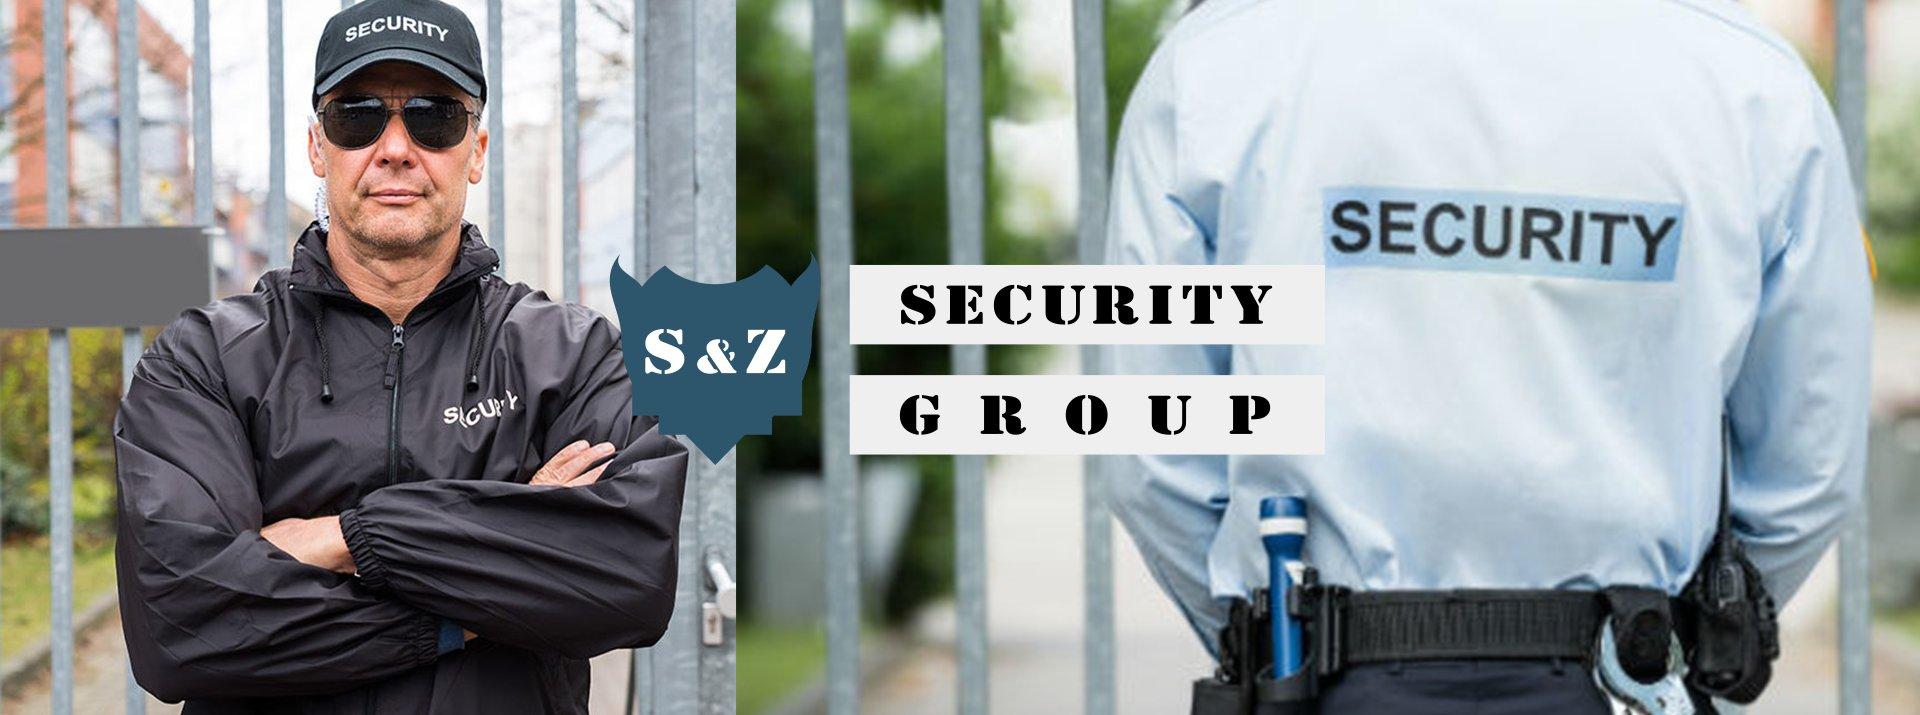 security-plzen-1.jpg